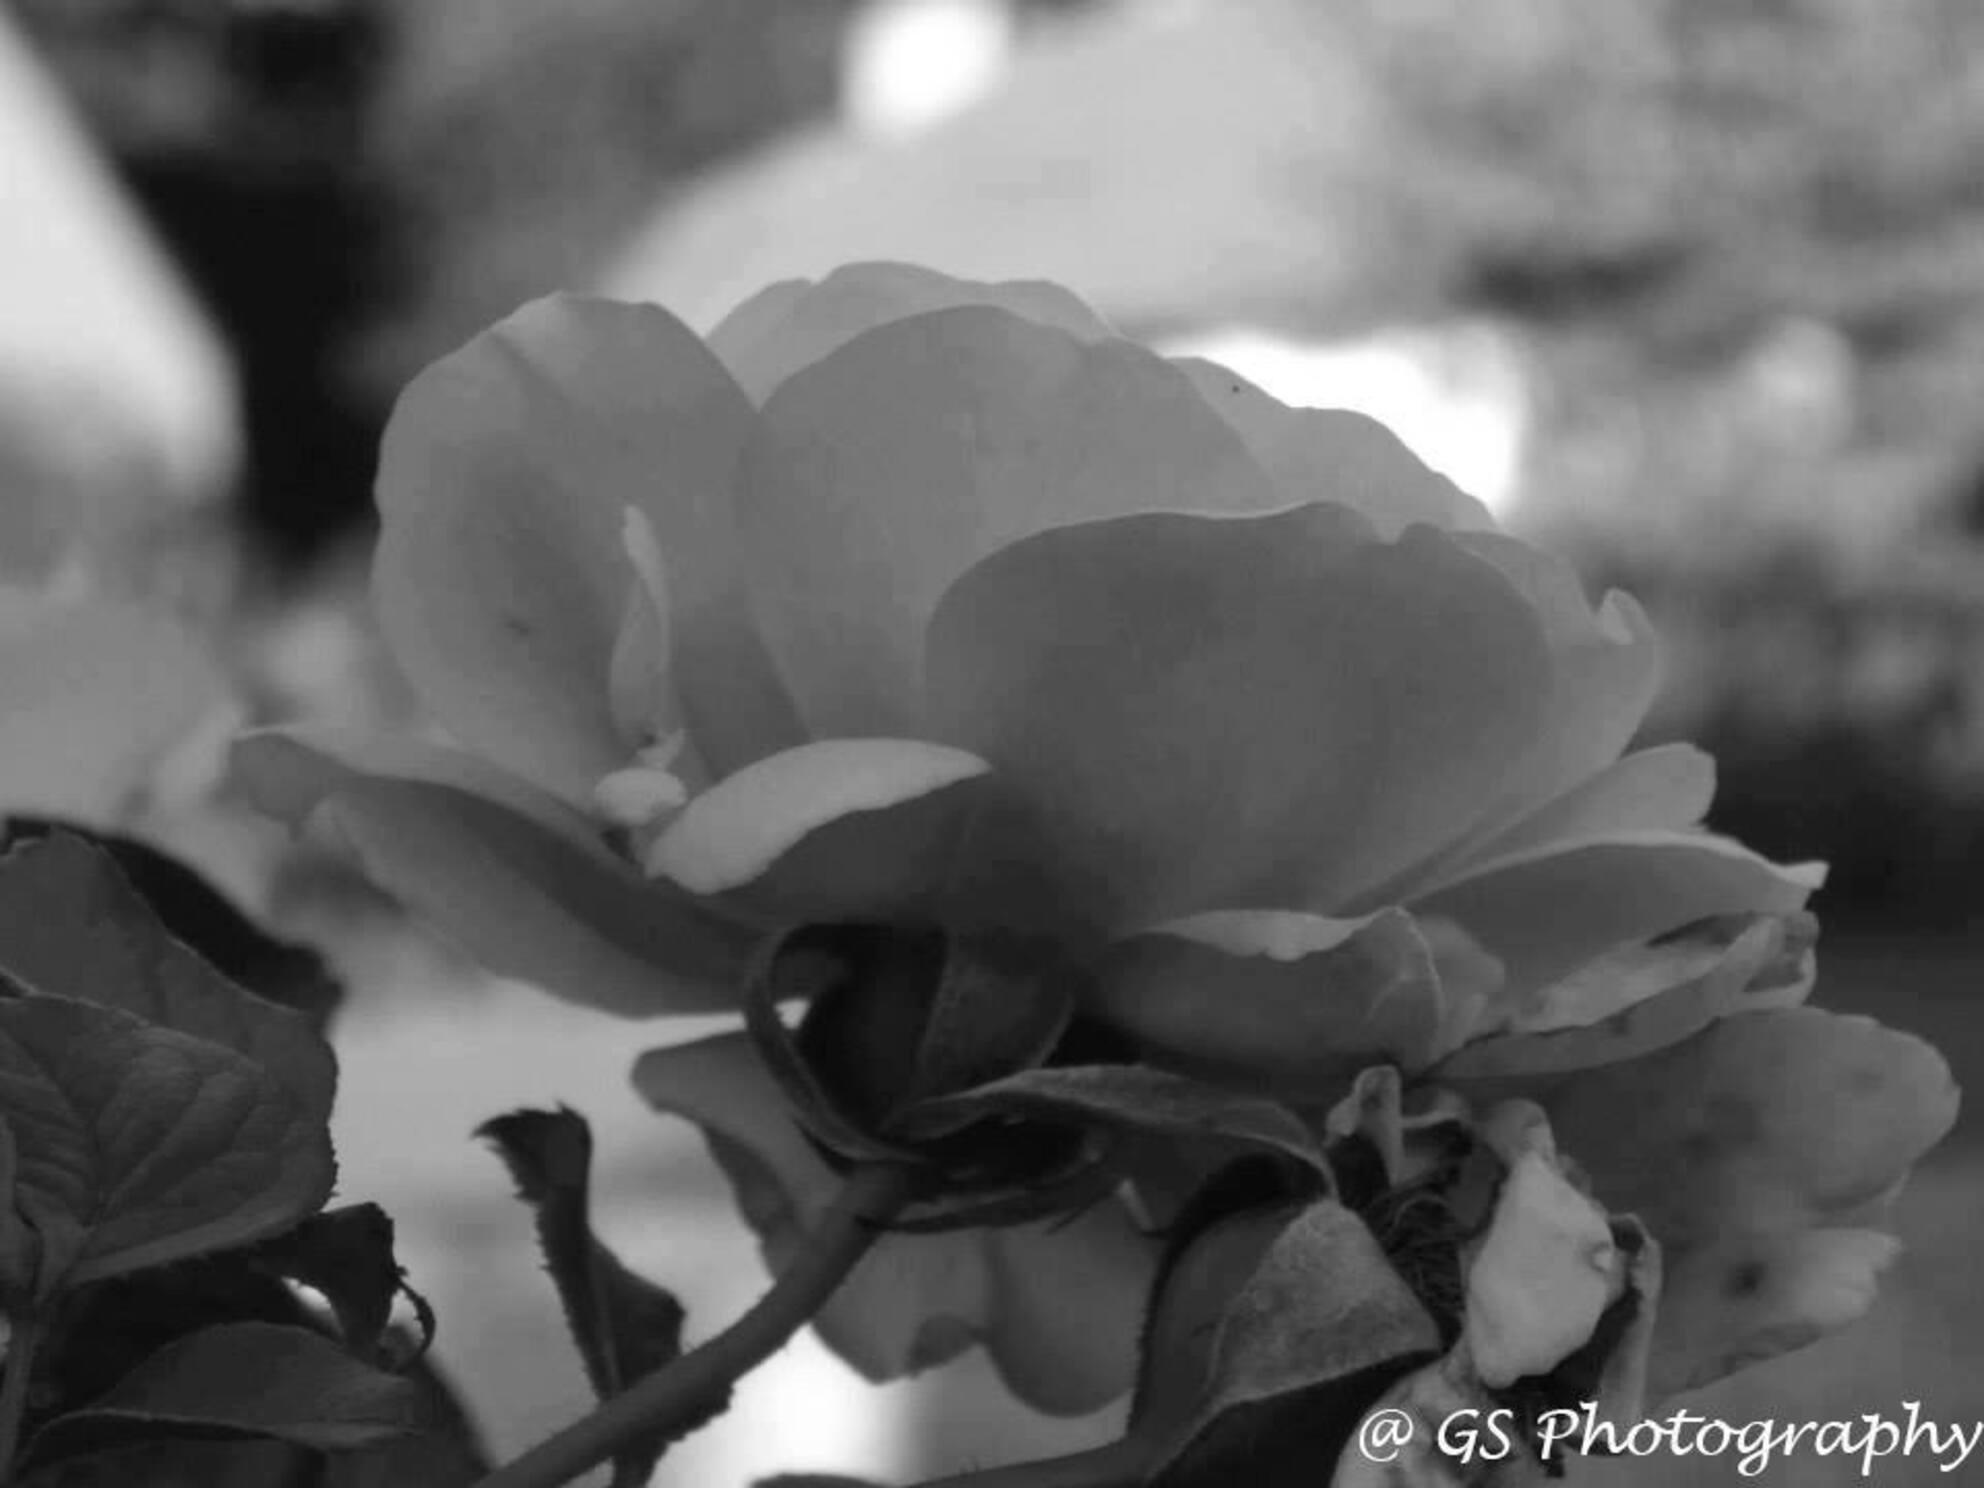 Bloem - - - foto door gwenvg1991 op 28-10-2014 - deze foto bevat: bloem, natuur, tuin, zomer - Deze foto mag gebruikt worden in een Zoom.nl publicatie